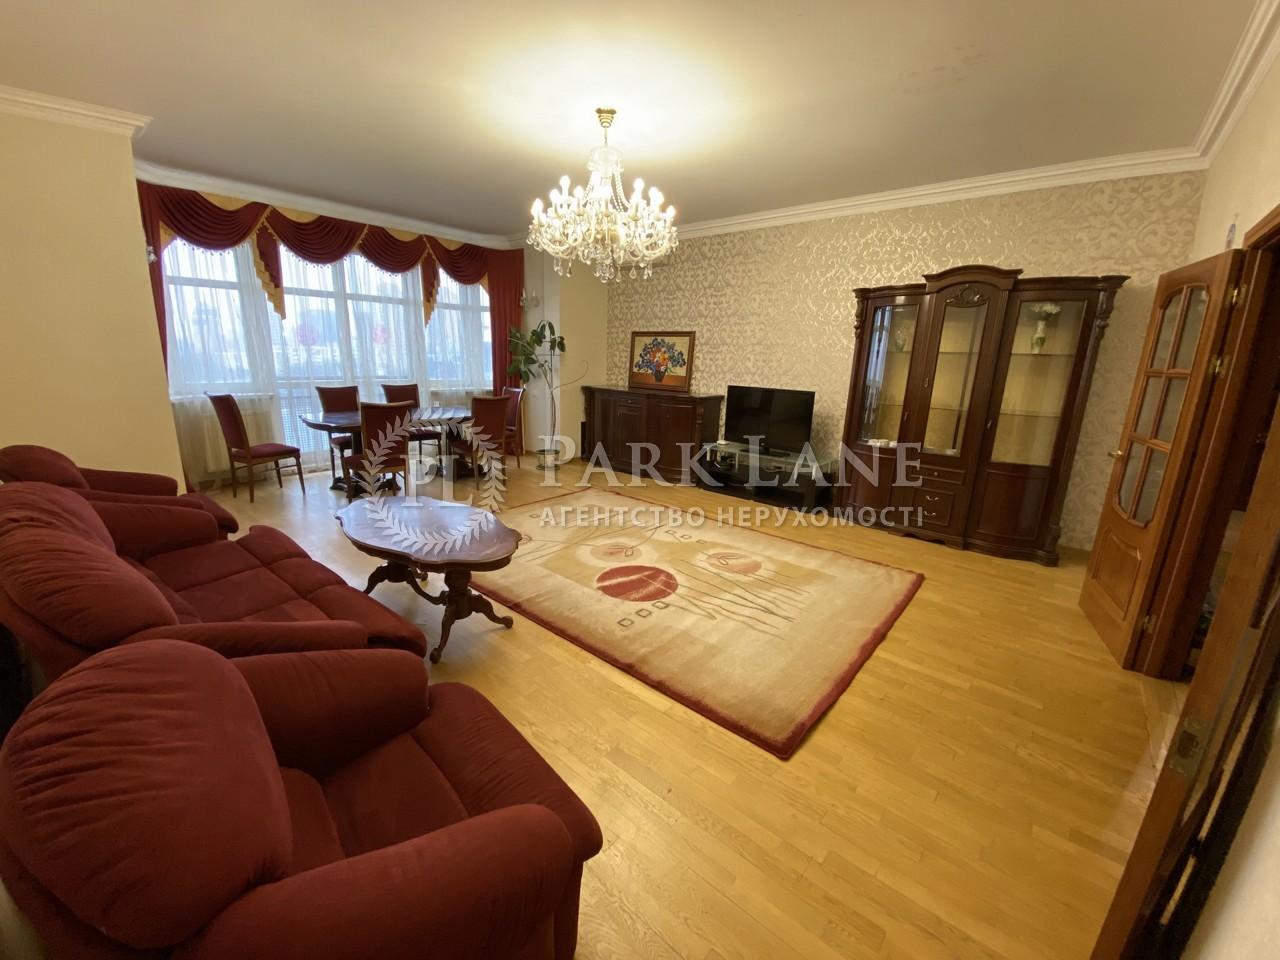 Квартира вул. Коновальця Євгена (Щорса), 32а, Київ, F-27157 - Фото 5